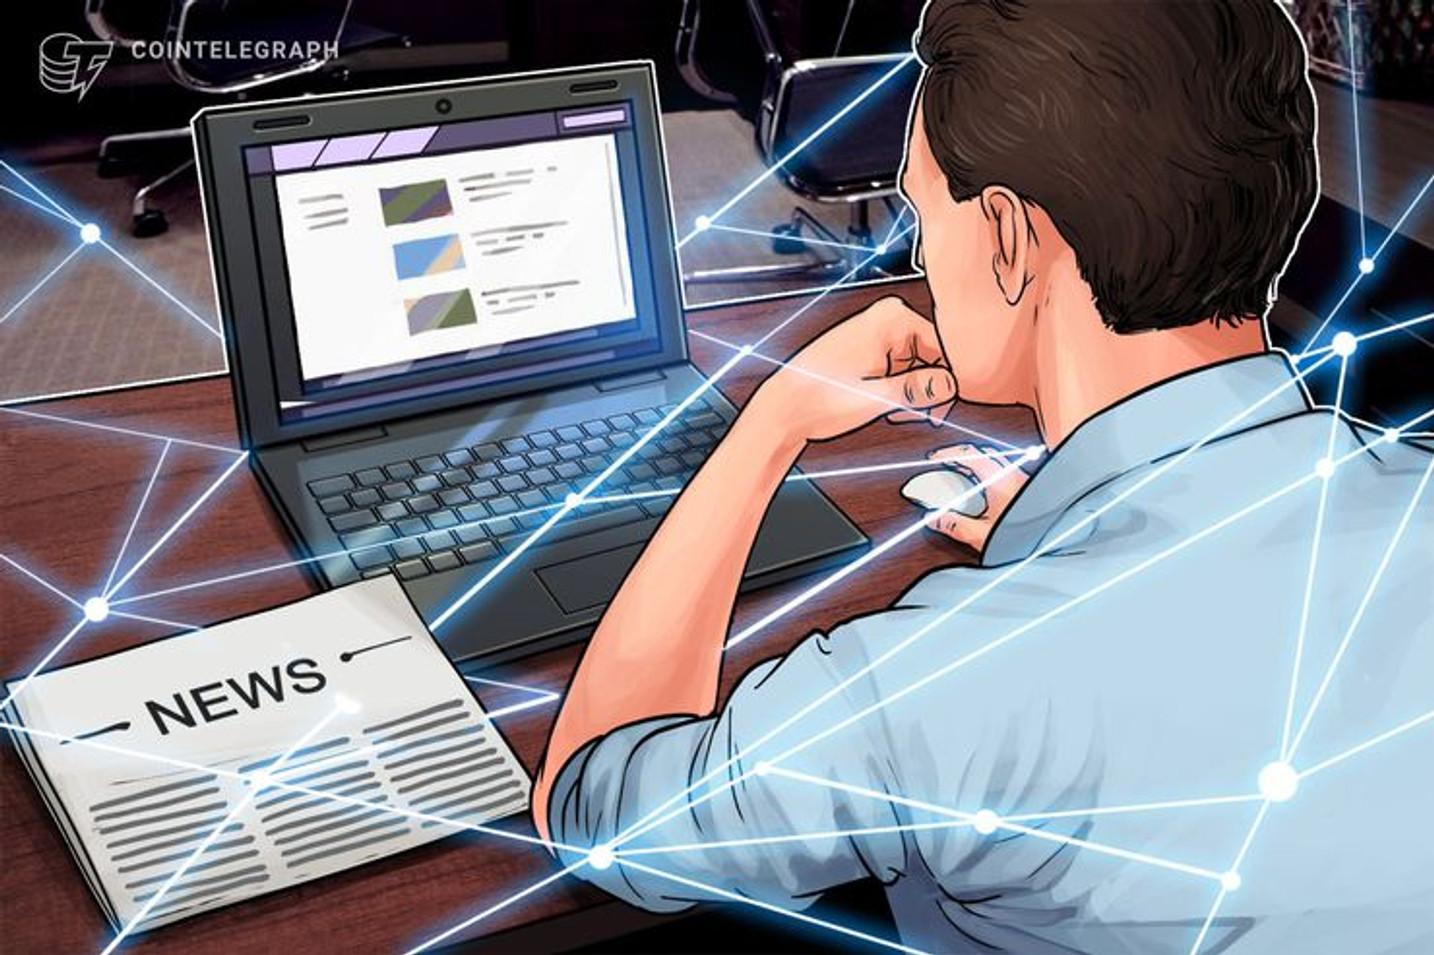 Afirman que la tecnología blockchain podría ayudar a combatir la desinformación en el ecosistema mediático